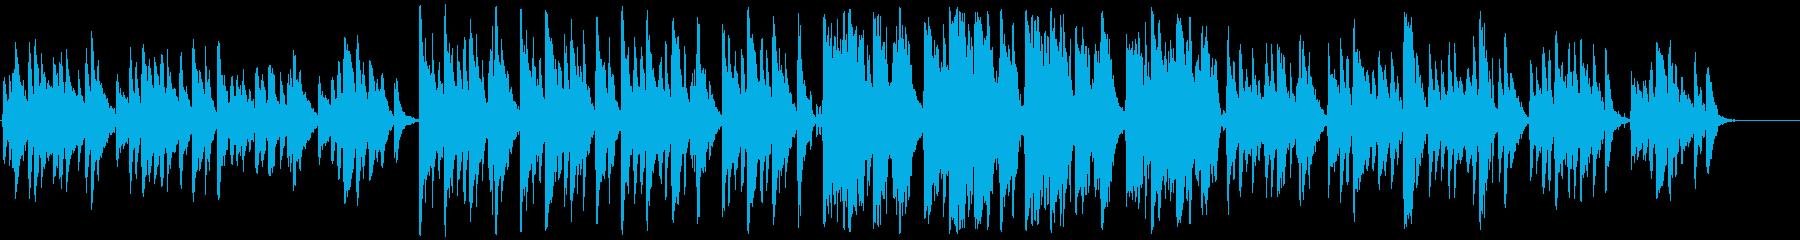 琴と尺八の落ち着いた味のある和風曲の再生済みの波形